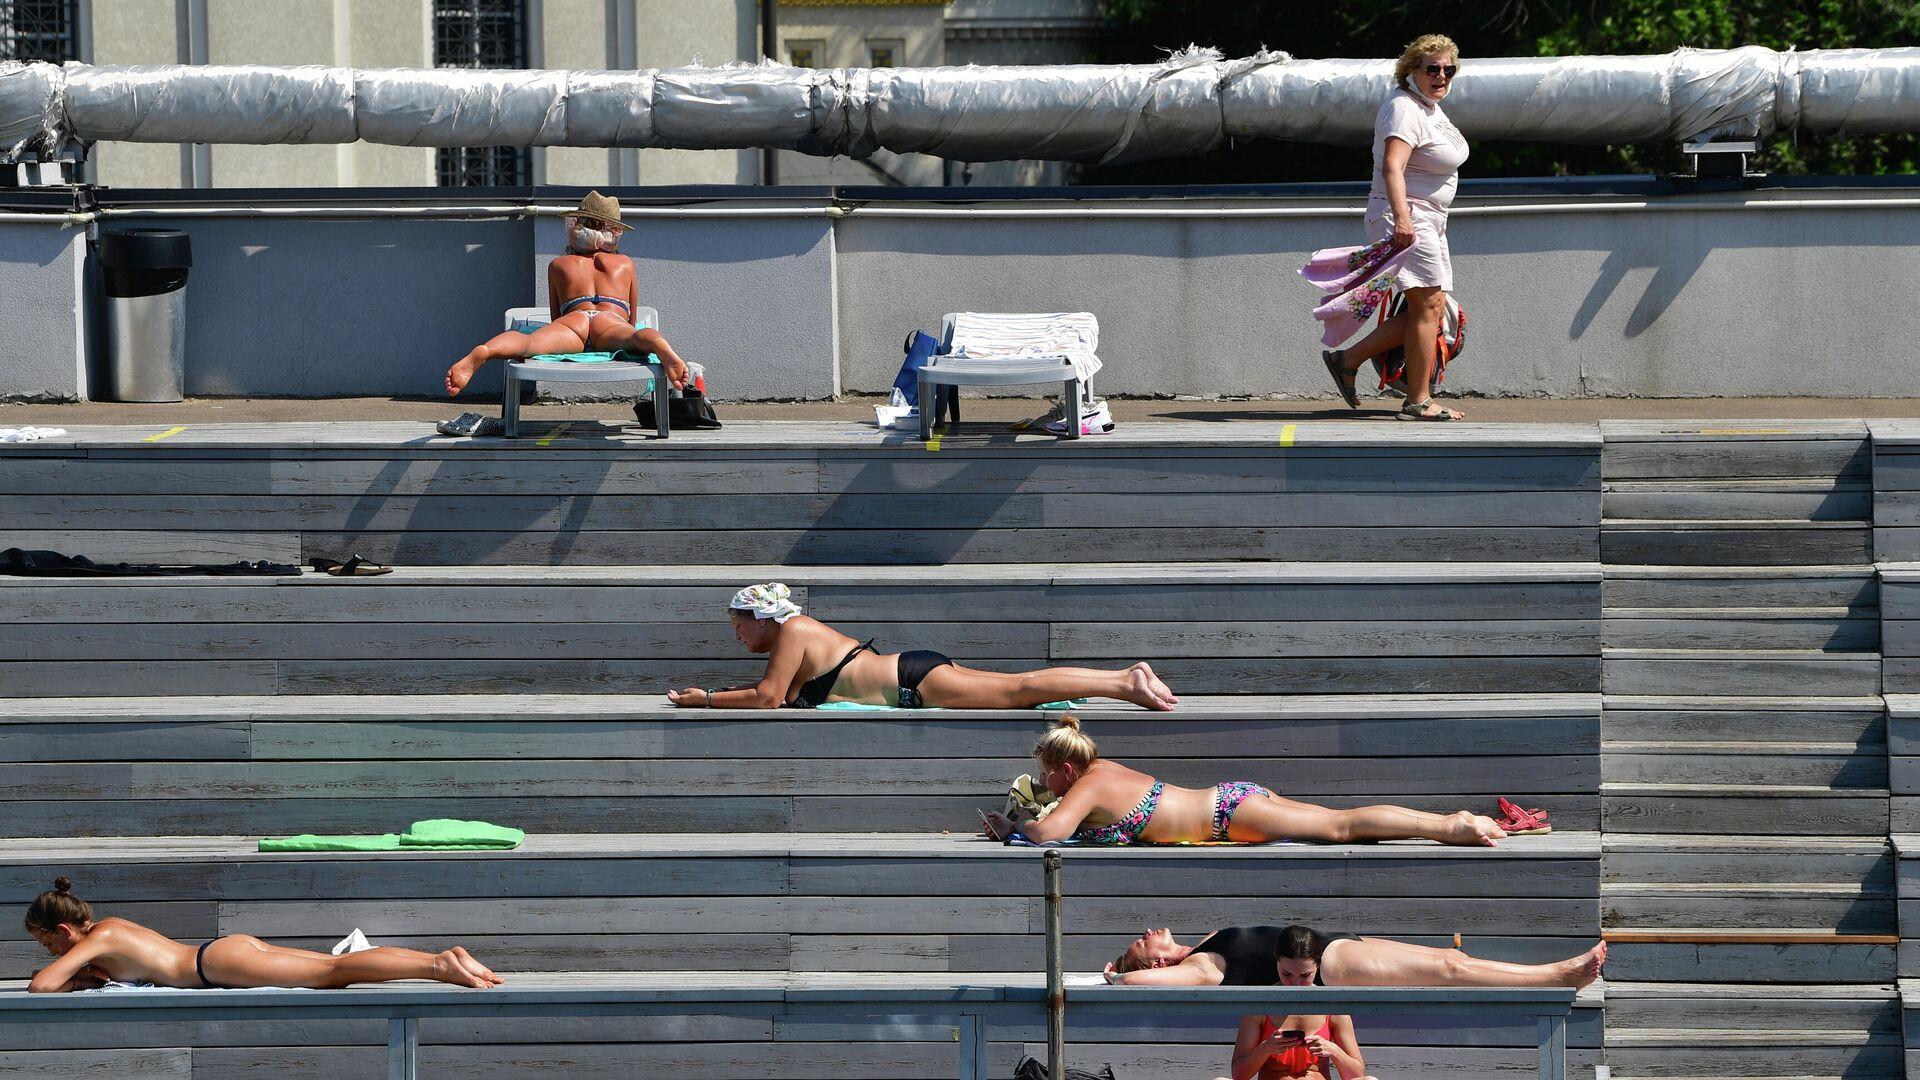 Посетители в бассейне Чайка в Москве в жаркий день - РИА Новости, 1920, 27.06.2021